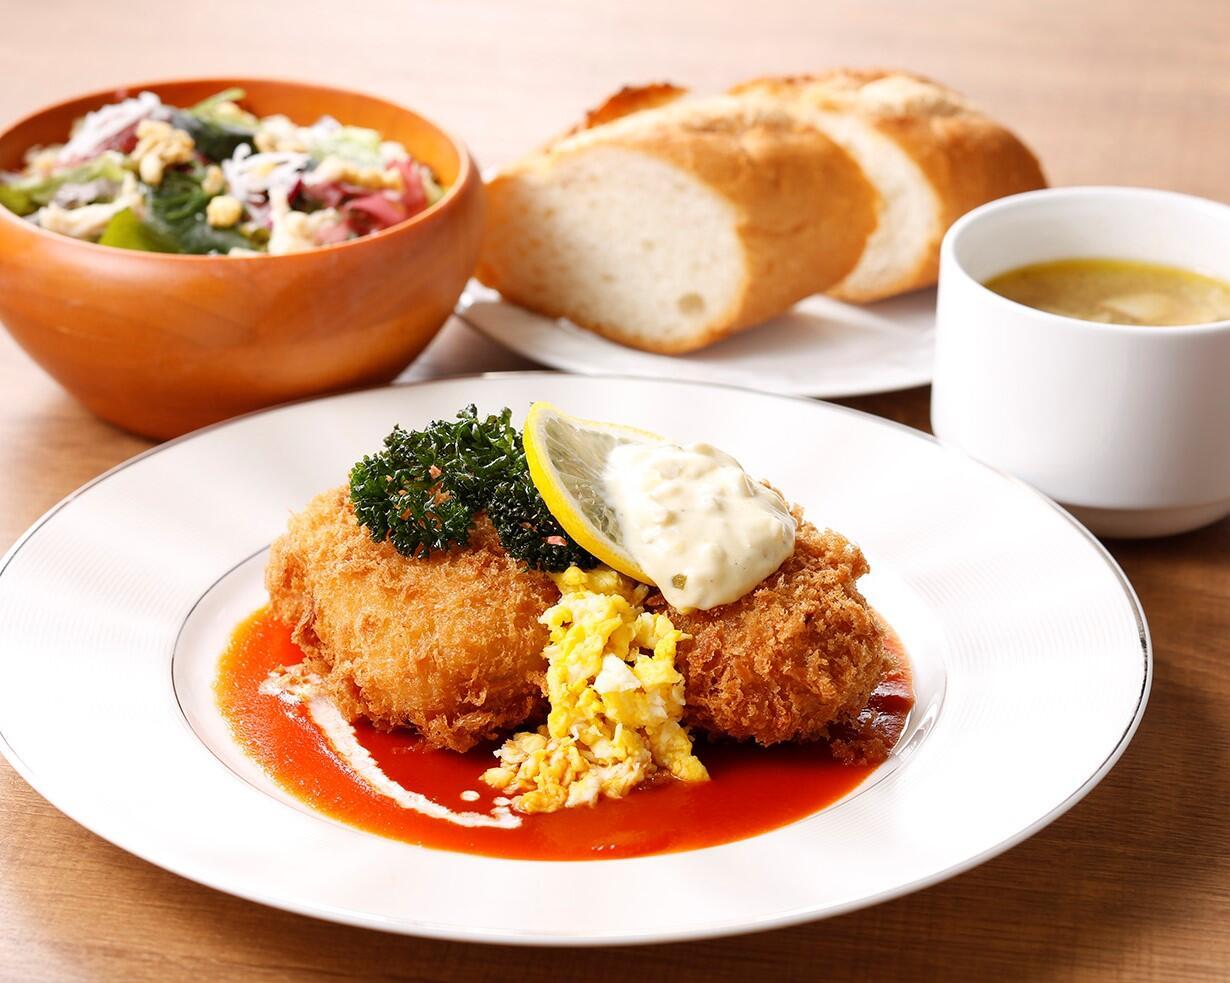 カニクリークコロッケ<ディナーセット>  ライスorパン/サラダ/スープ付き